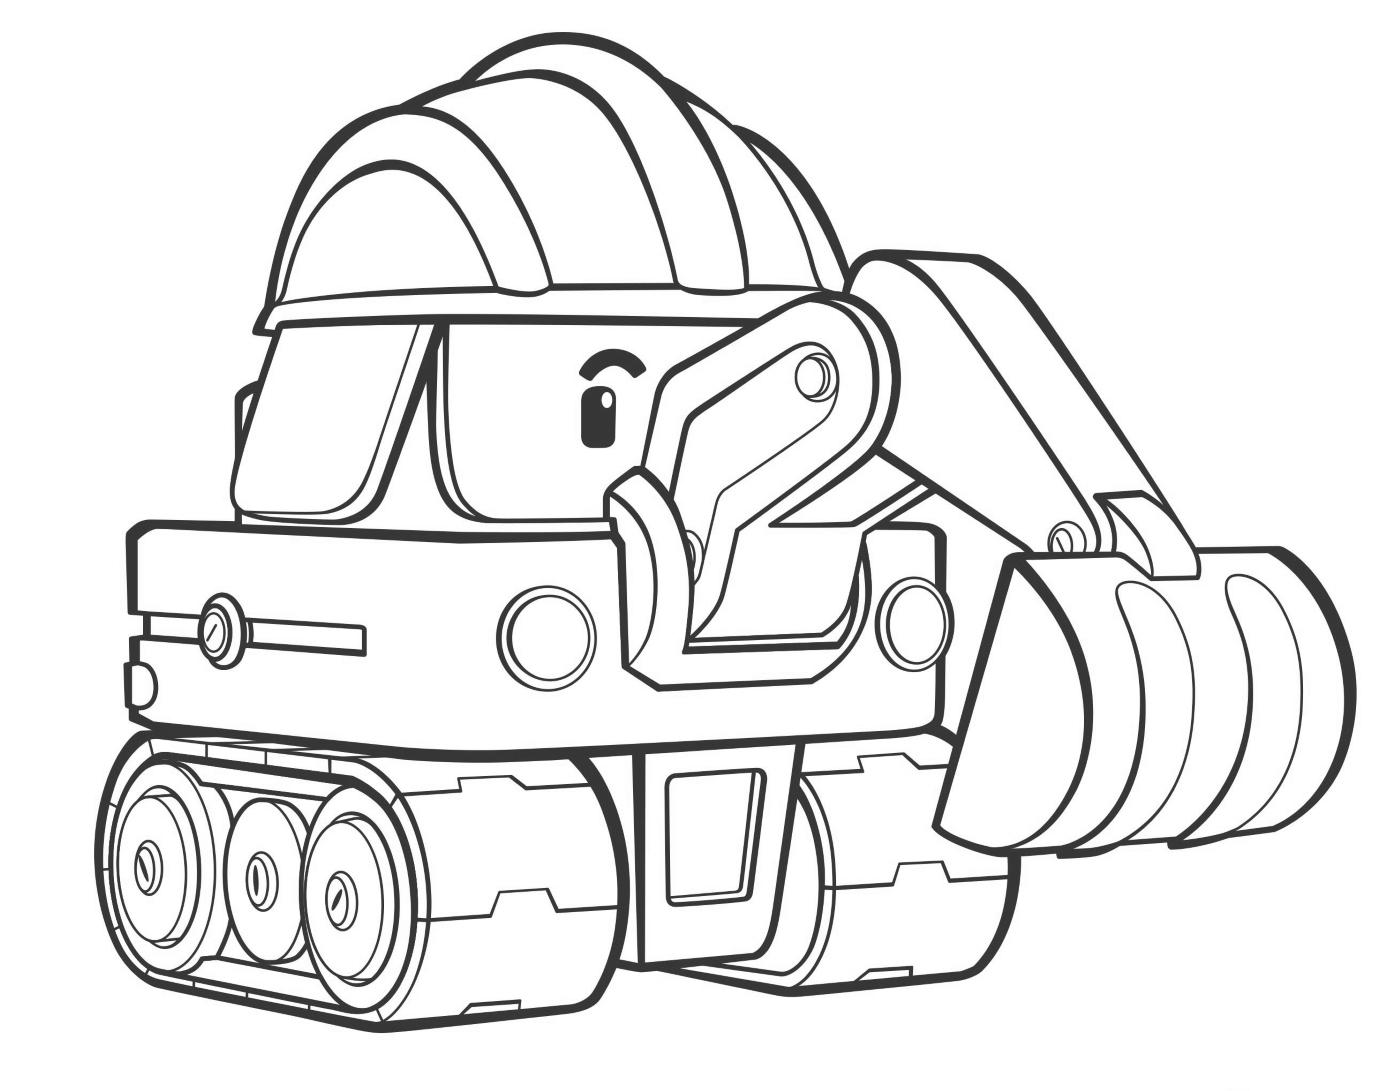 Экскаватор с глазами - раскраска №238 | Printonic.ru